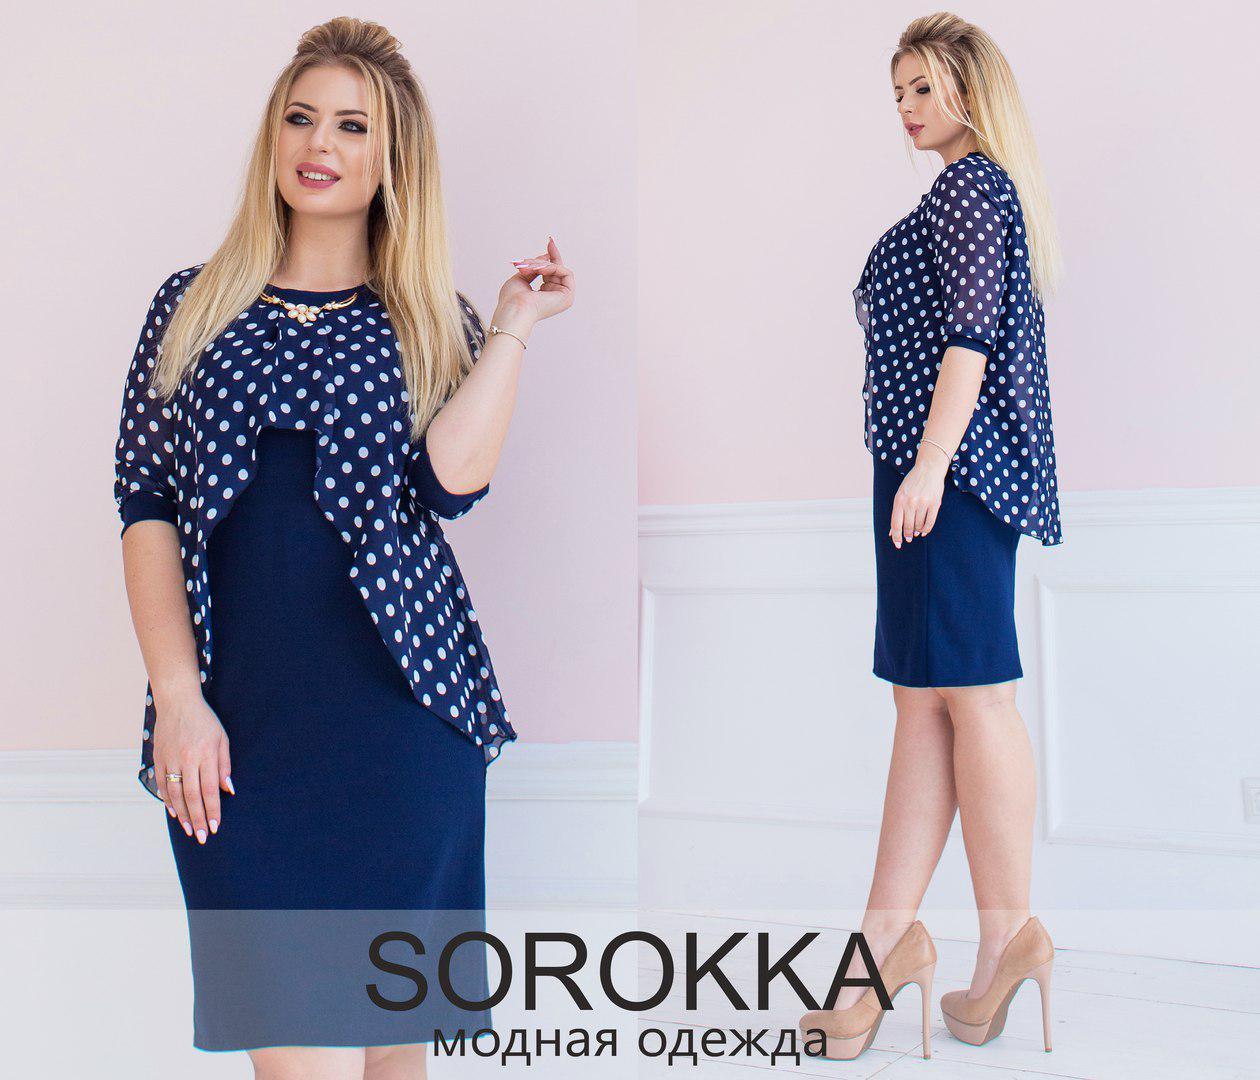 0f6b7367f281ae0 Платье больших размеров 50+с пришивной шифоновой накидкой асимметричного  кроя принт горох арт 5842-178 , цена 595 грн., купить в Одессе — Prom.ua ...